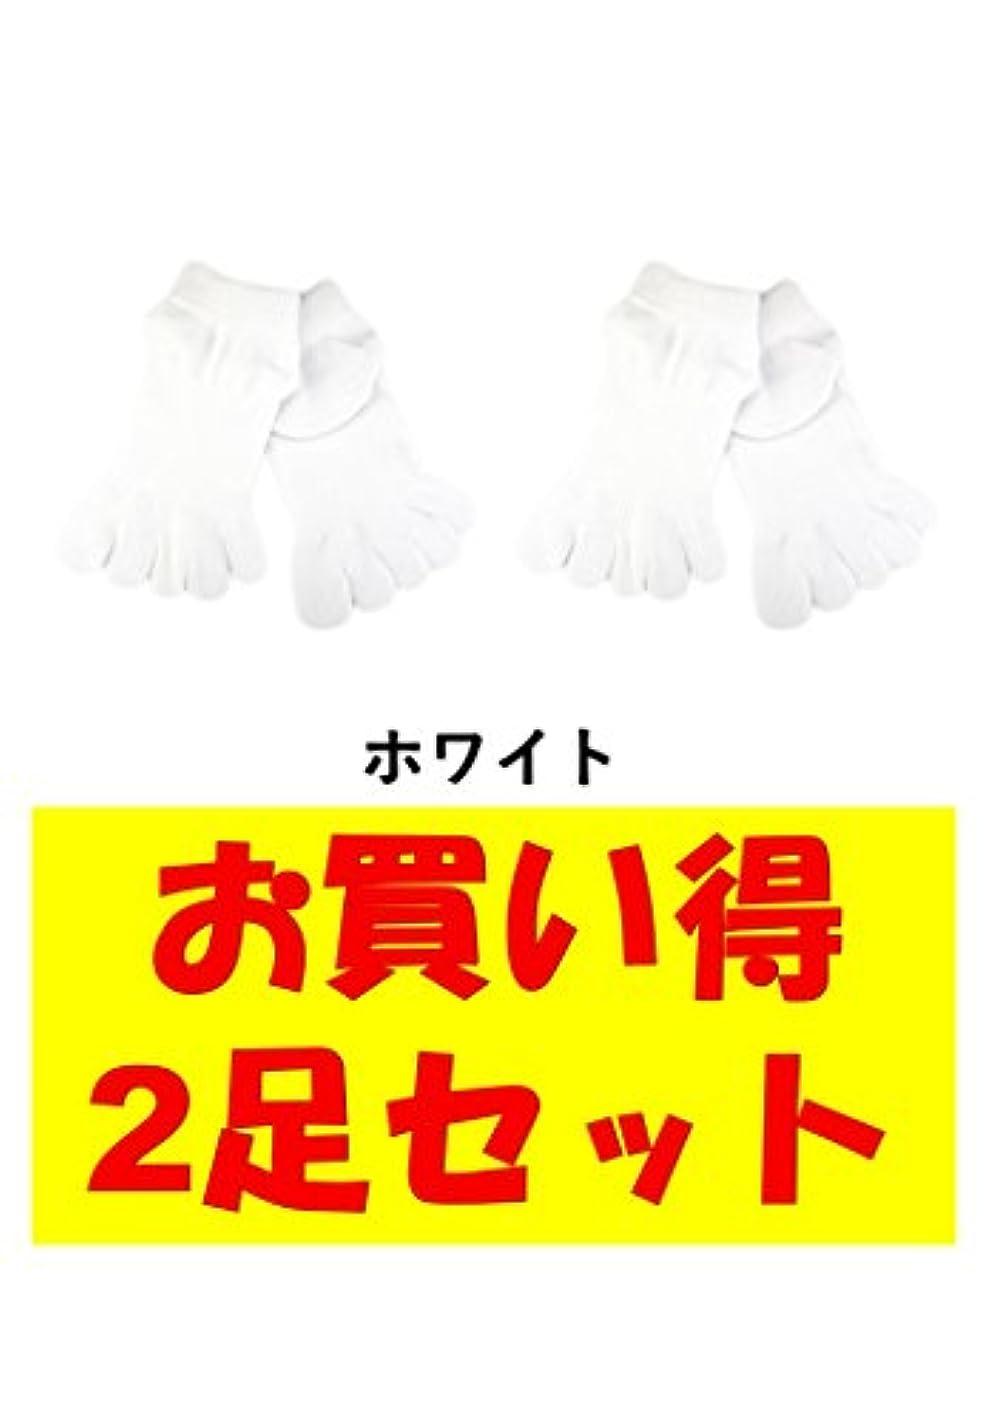 ステッチつま先効能お買い得2足セット 5本指 ゆびのばソックス ゆびのば アンクル ホワイト Mサイズ 25.0cm-27.5cm YSANKL-WHT